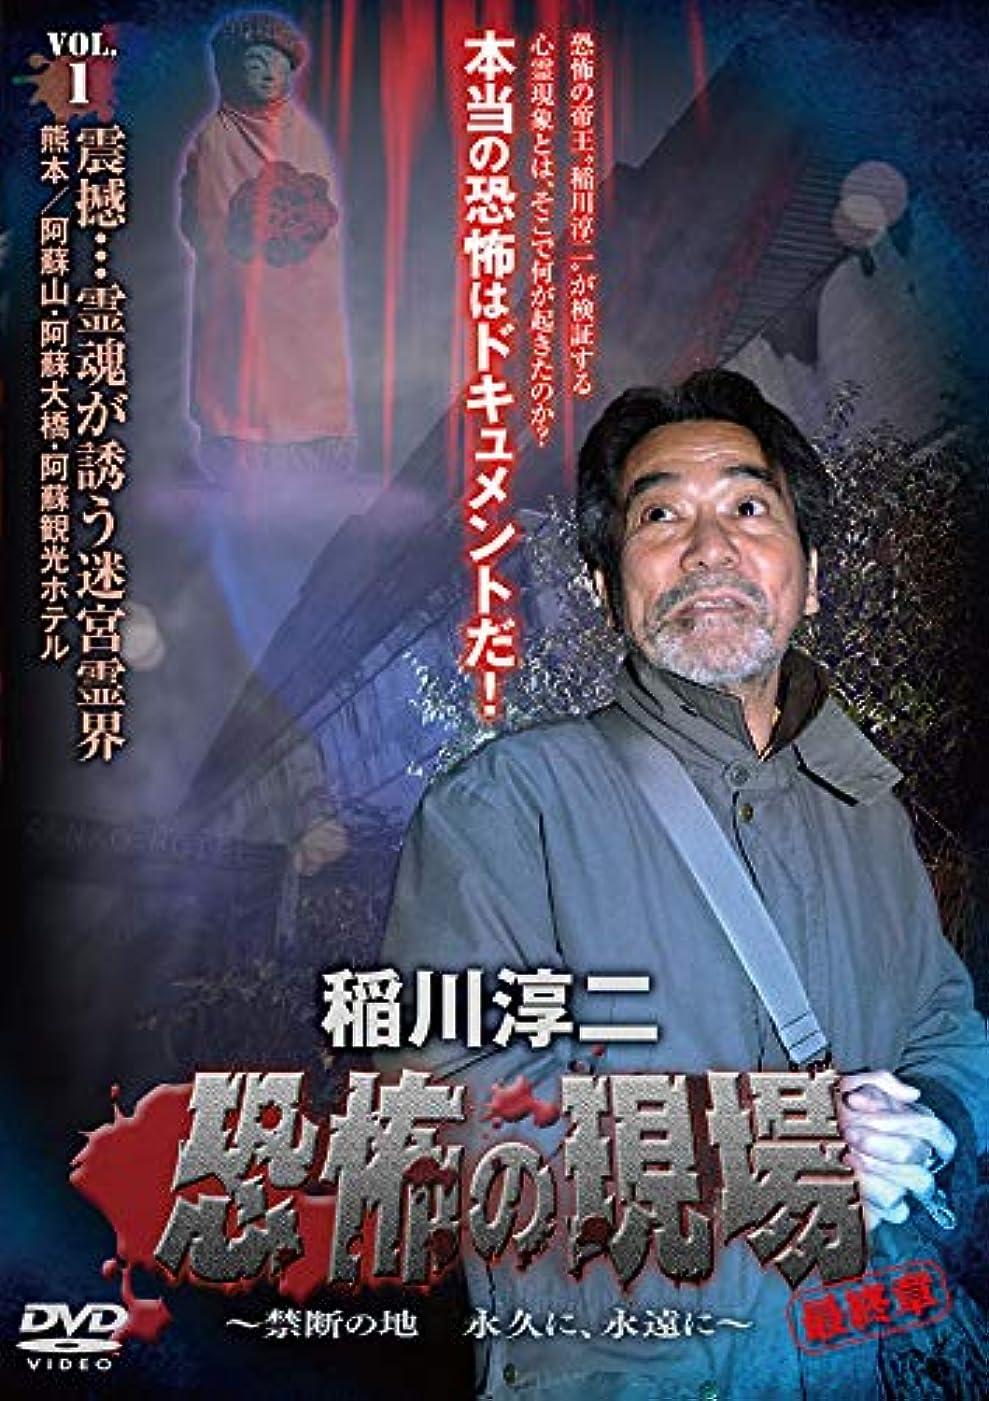 おじさん影のあるおかしいひぐらしのなく頃に 劇場版 コレクターズエディション(初回限定生産) [DVD]